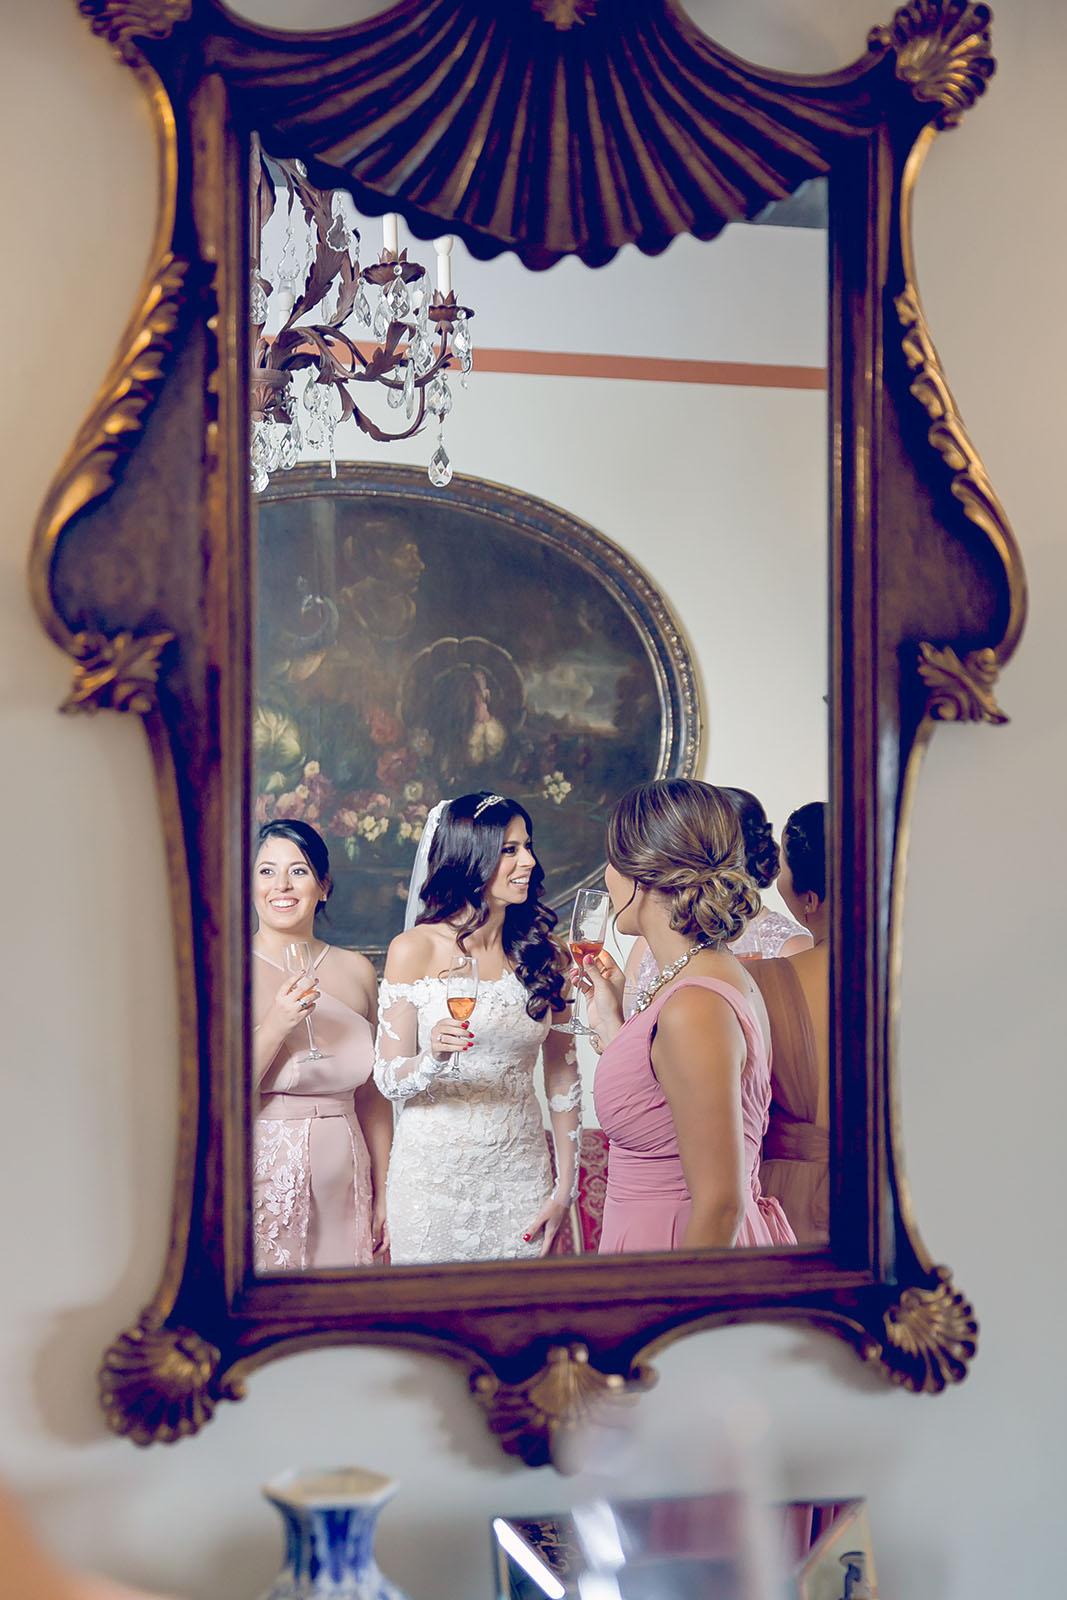 Vestido de la novia: Pronovias. (Suministrada)